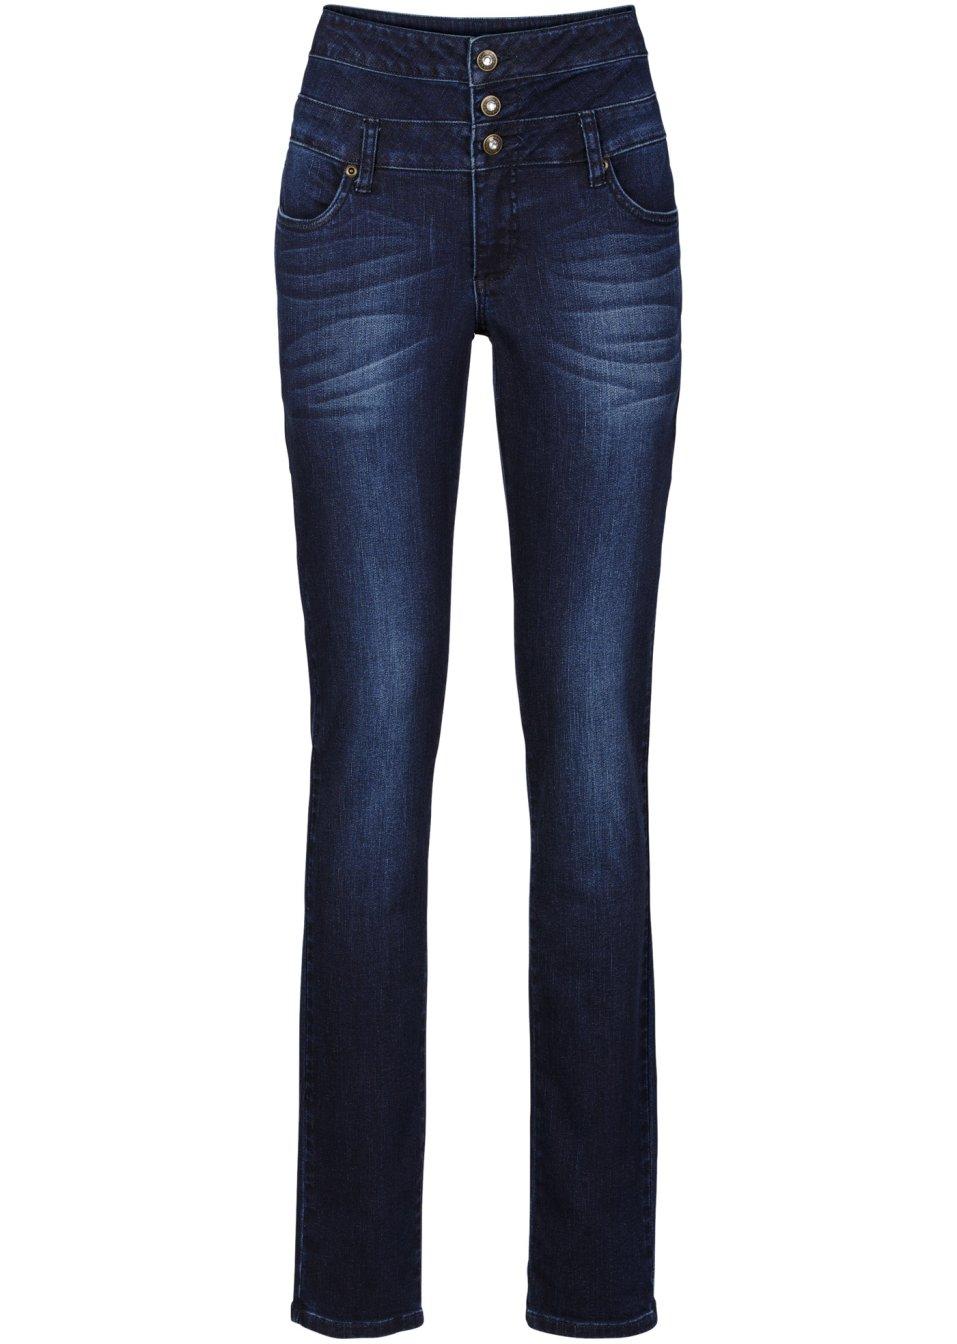 Coole Skinny Jeans mit Knopfverschluss - dark denim 500cC fzVcJ